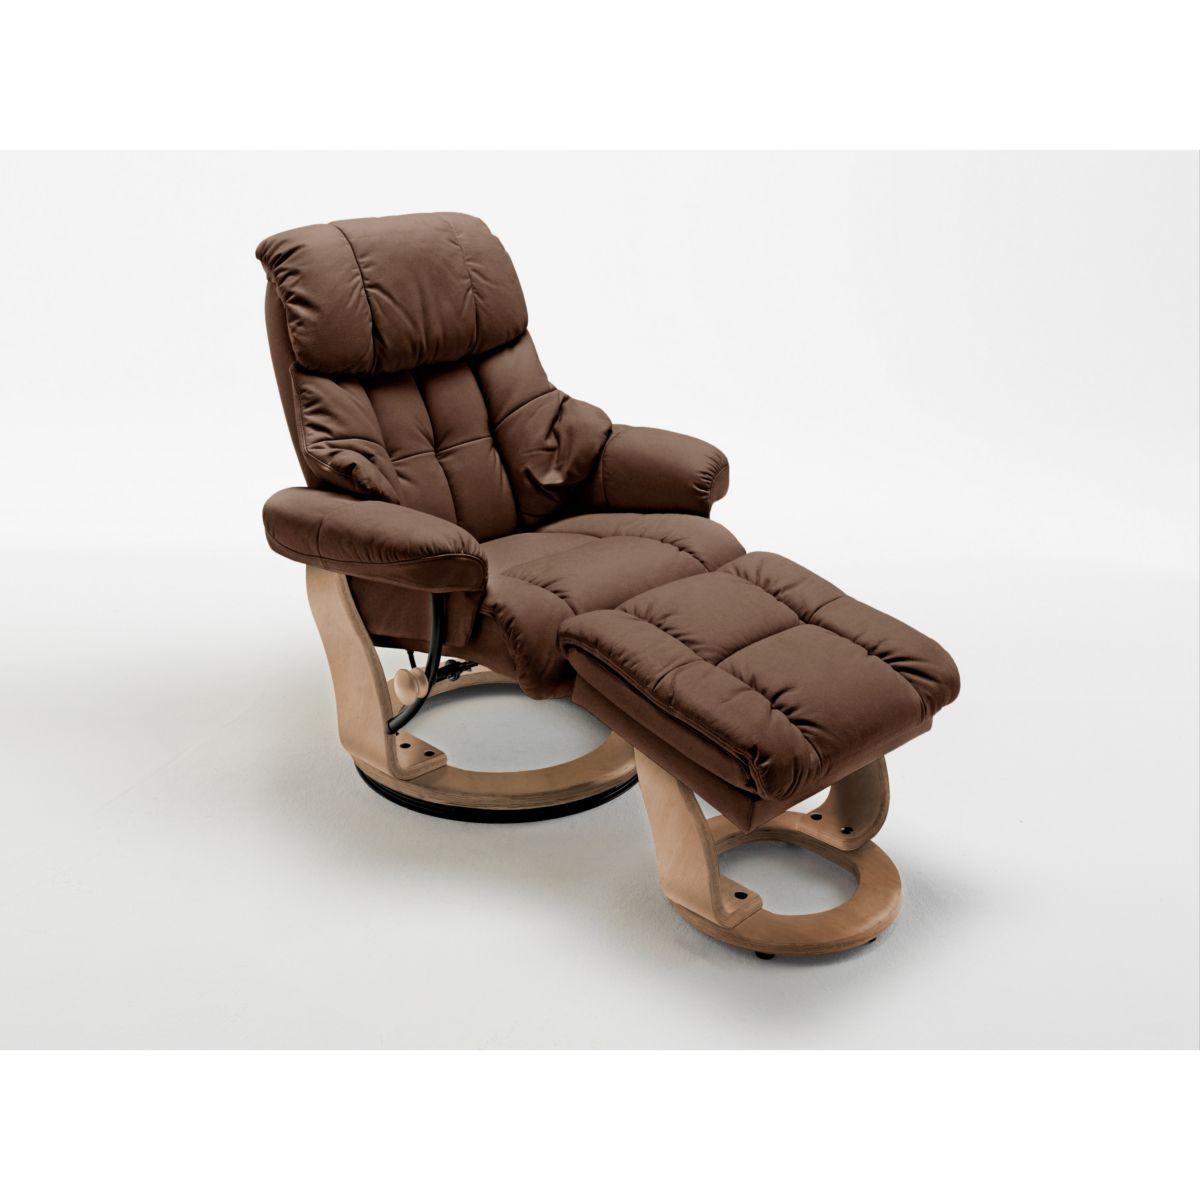 Relaxsessel mit Hocker in braun Kunstleder / Leder jetztbilligerkaufen